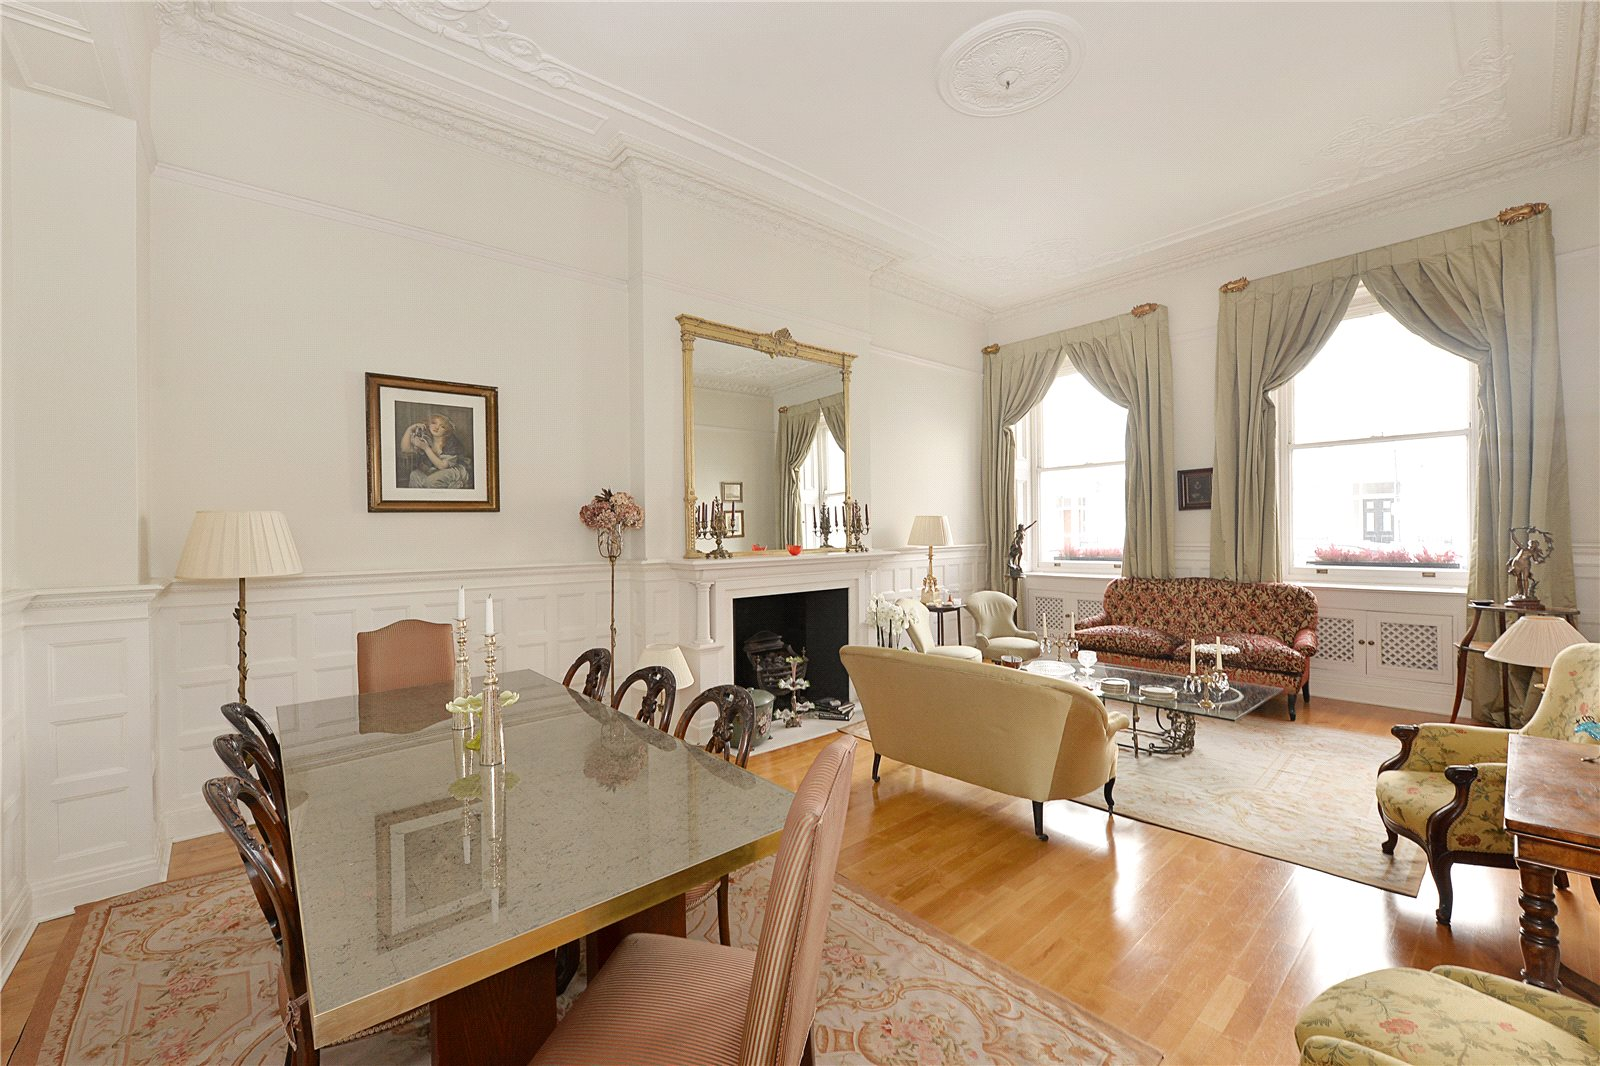 公寓 为 销售 在 Queen's Gate Terrace, South Kensington, London, SW7 South Kensington, London, 英格兰